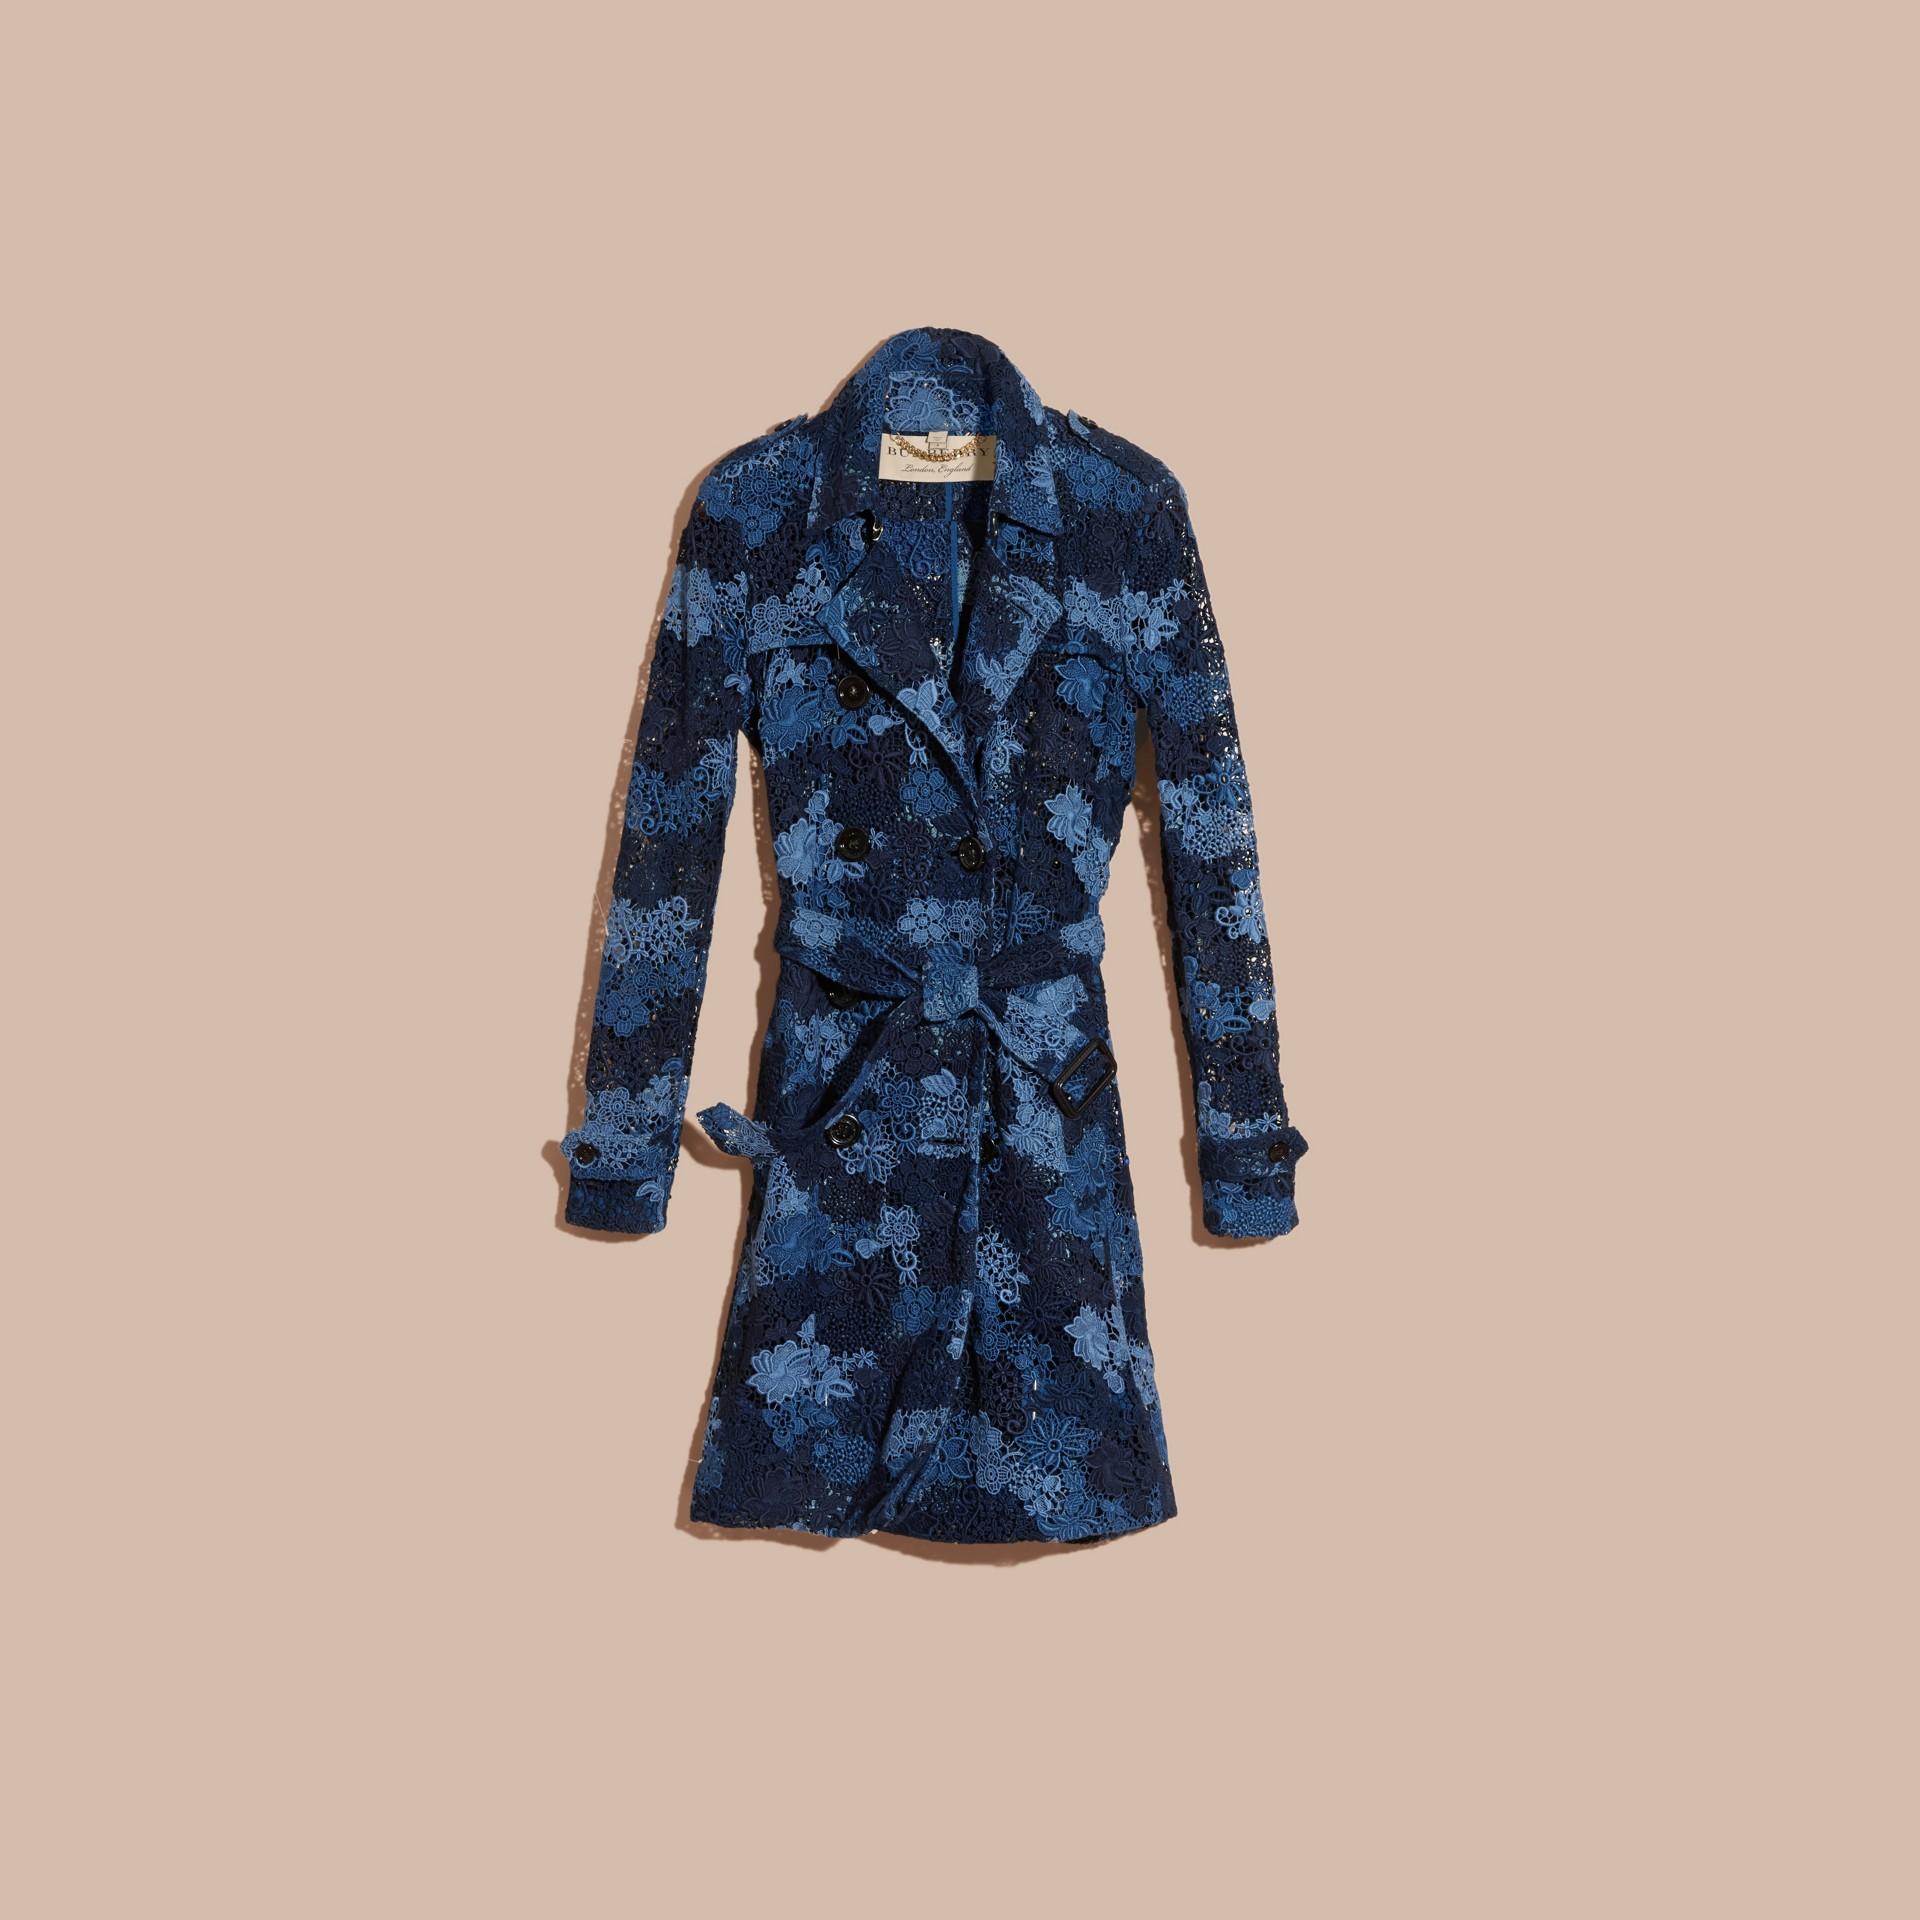 Bleu encre Trench-coat en macramé de dentelle italienne à motif floral - photo de la galerie 3